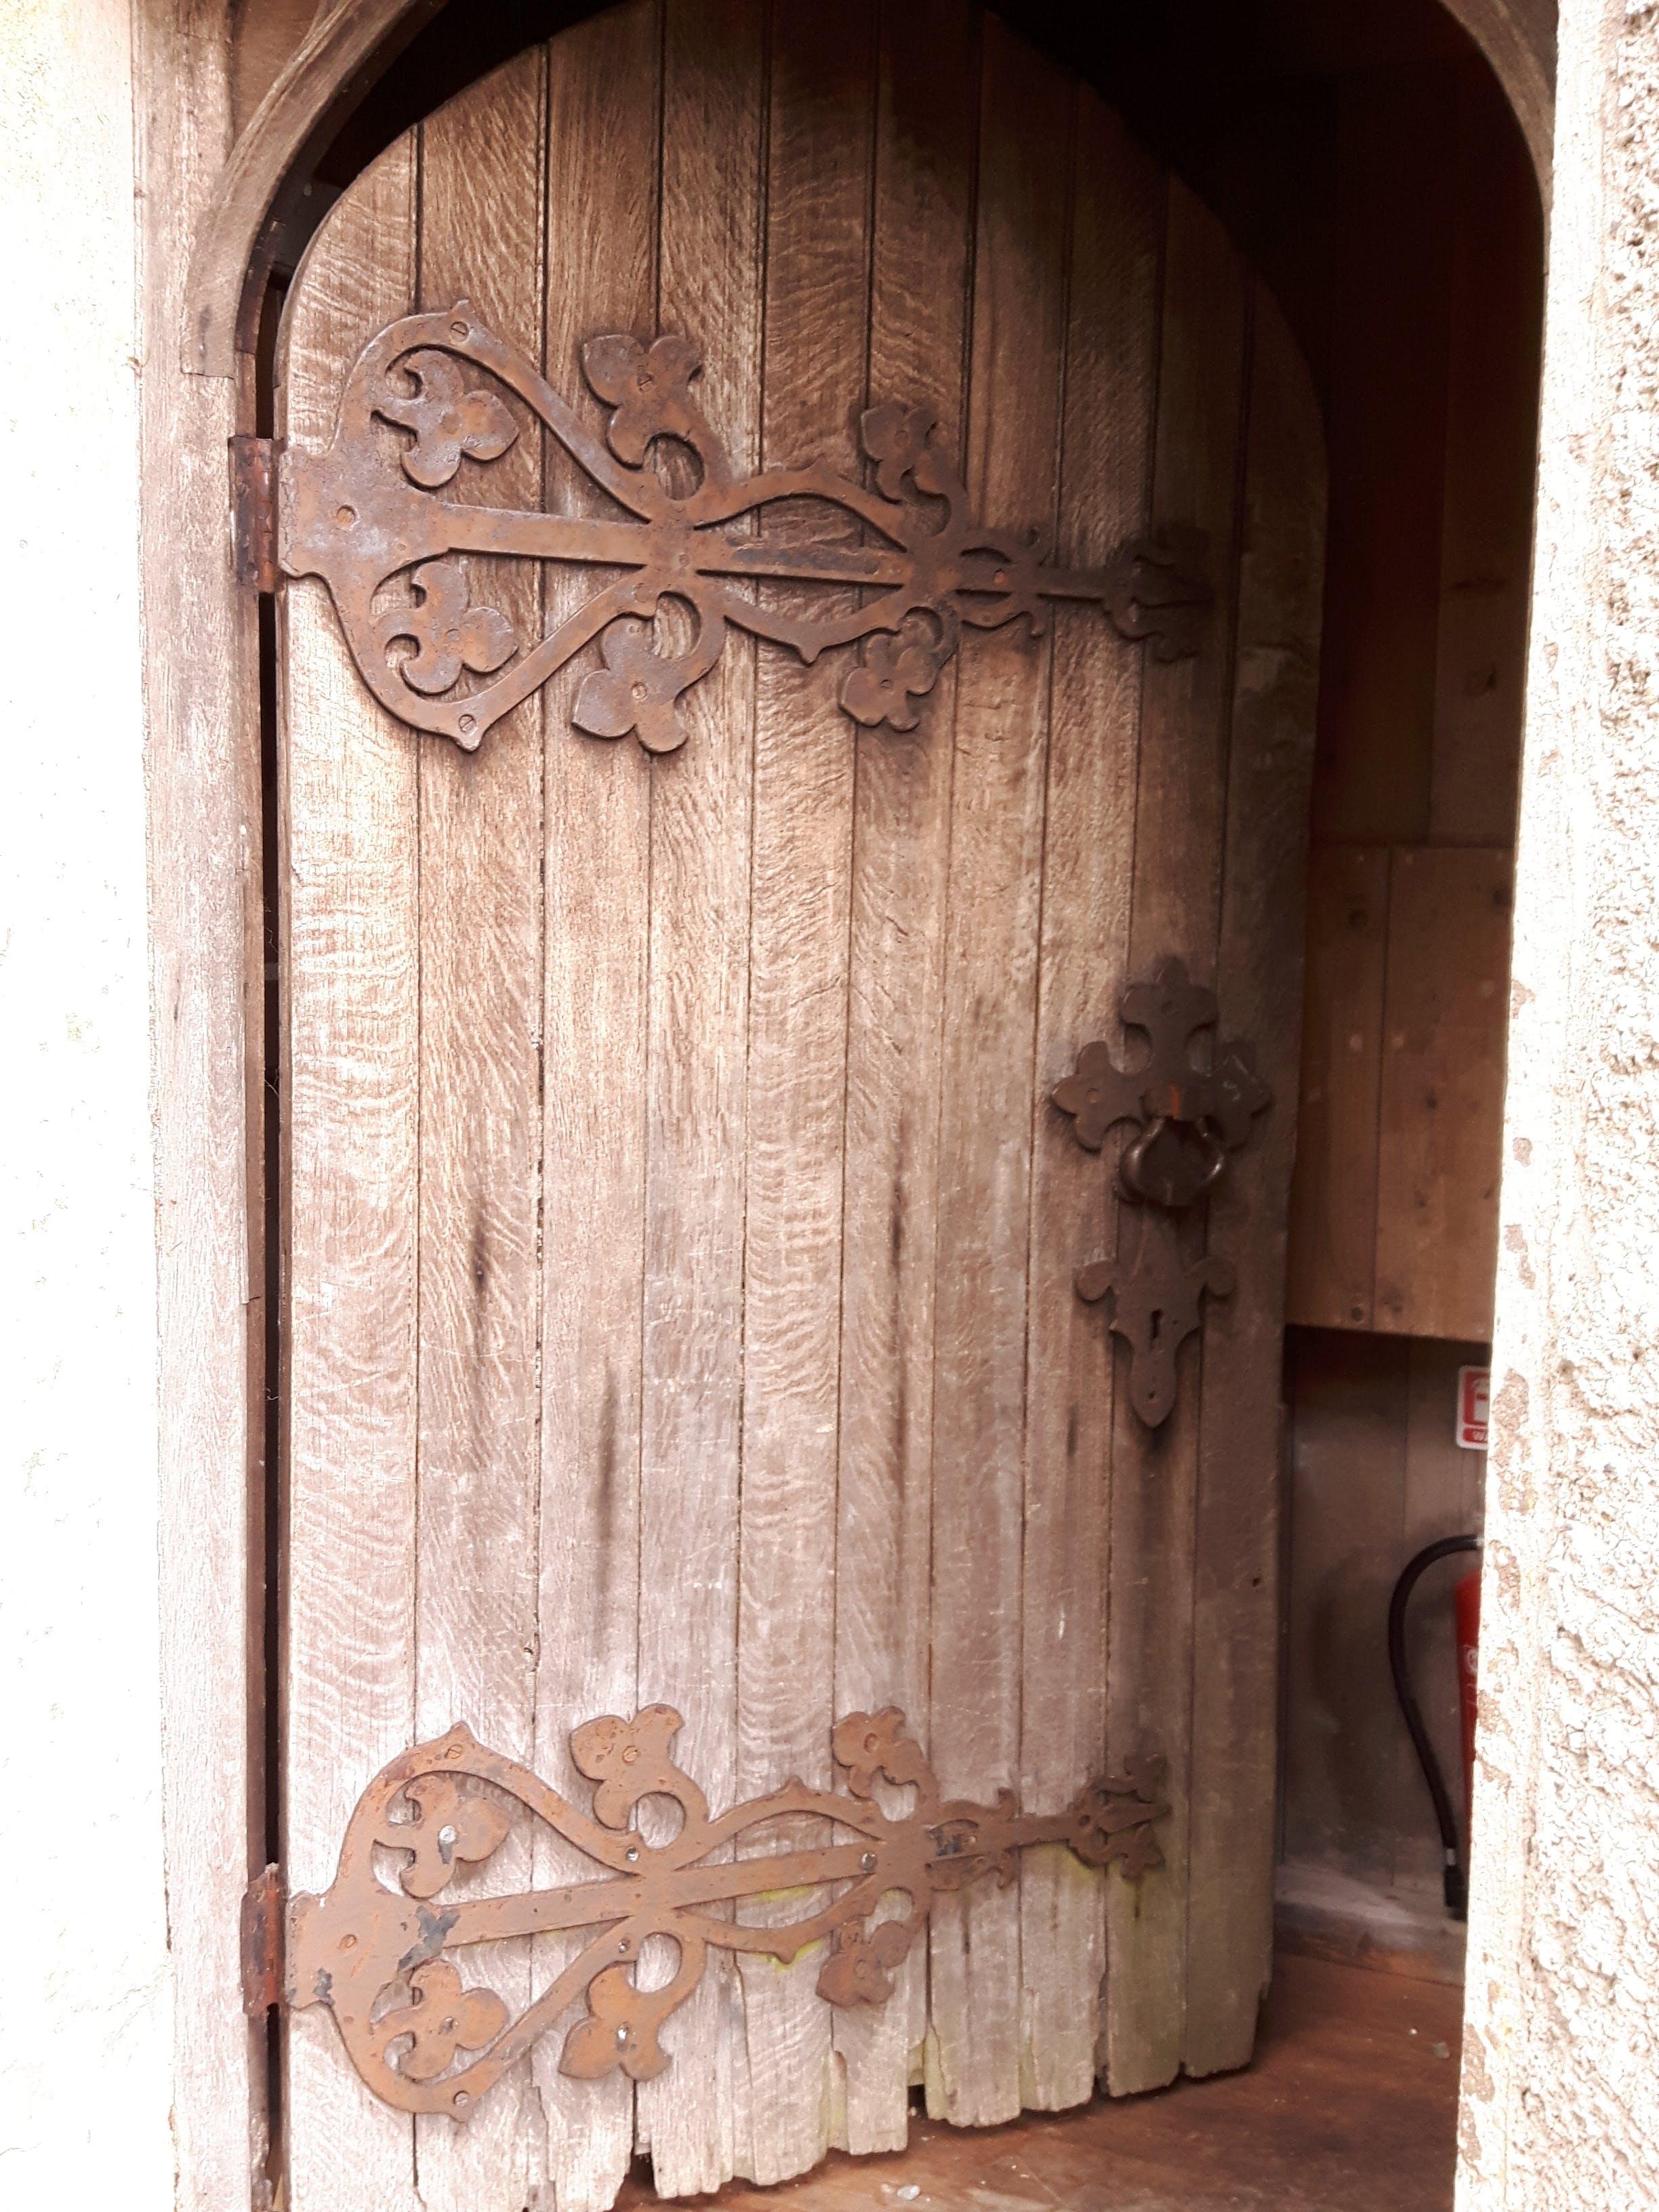 Free stock photo of ironwork door, old door, open door, open doorway